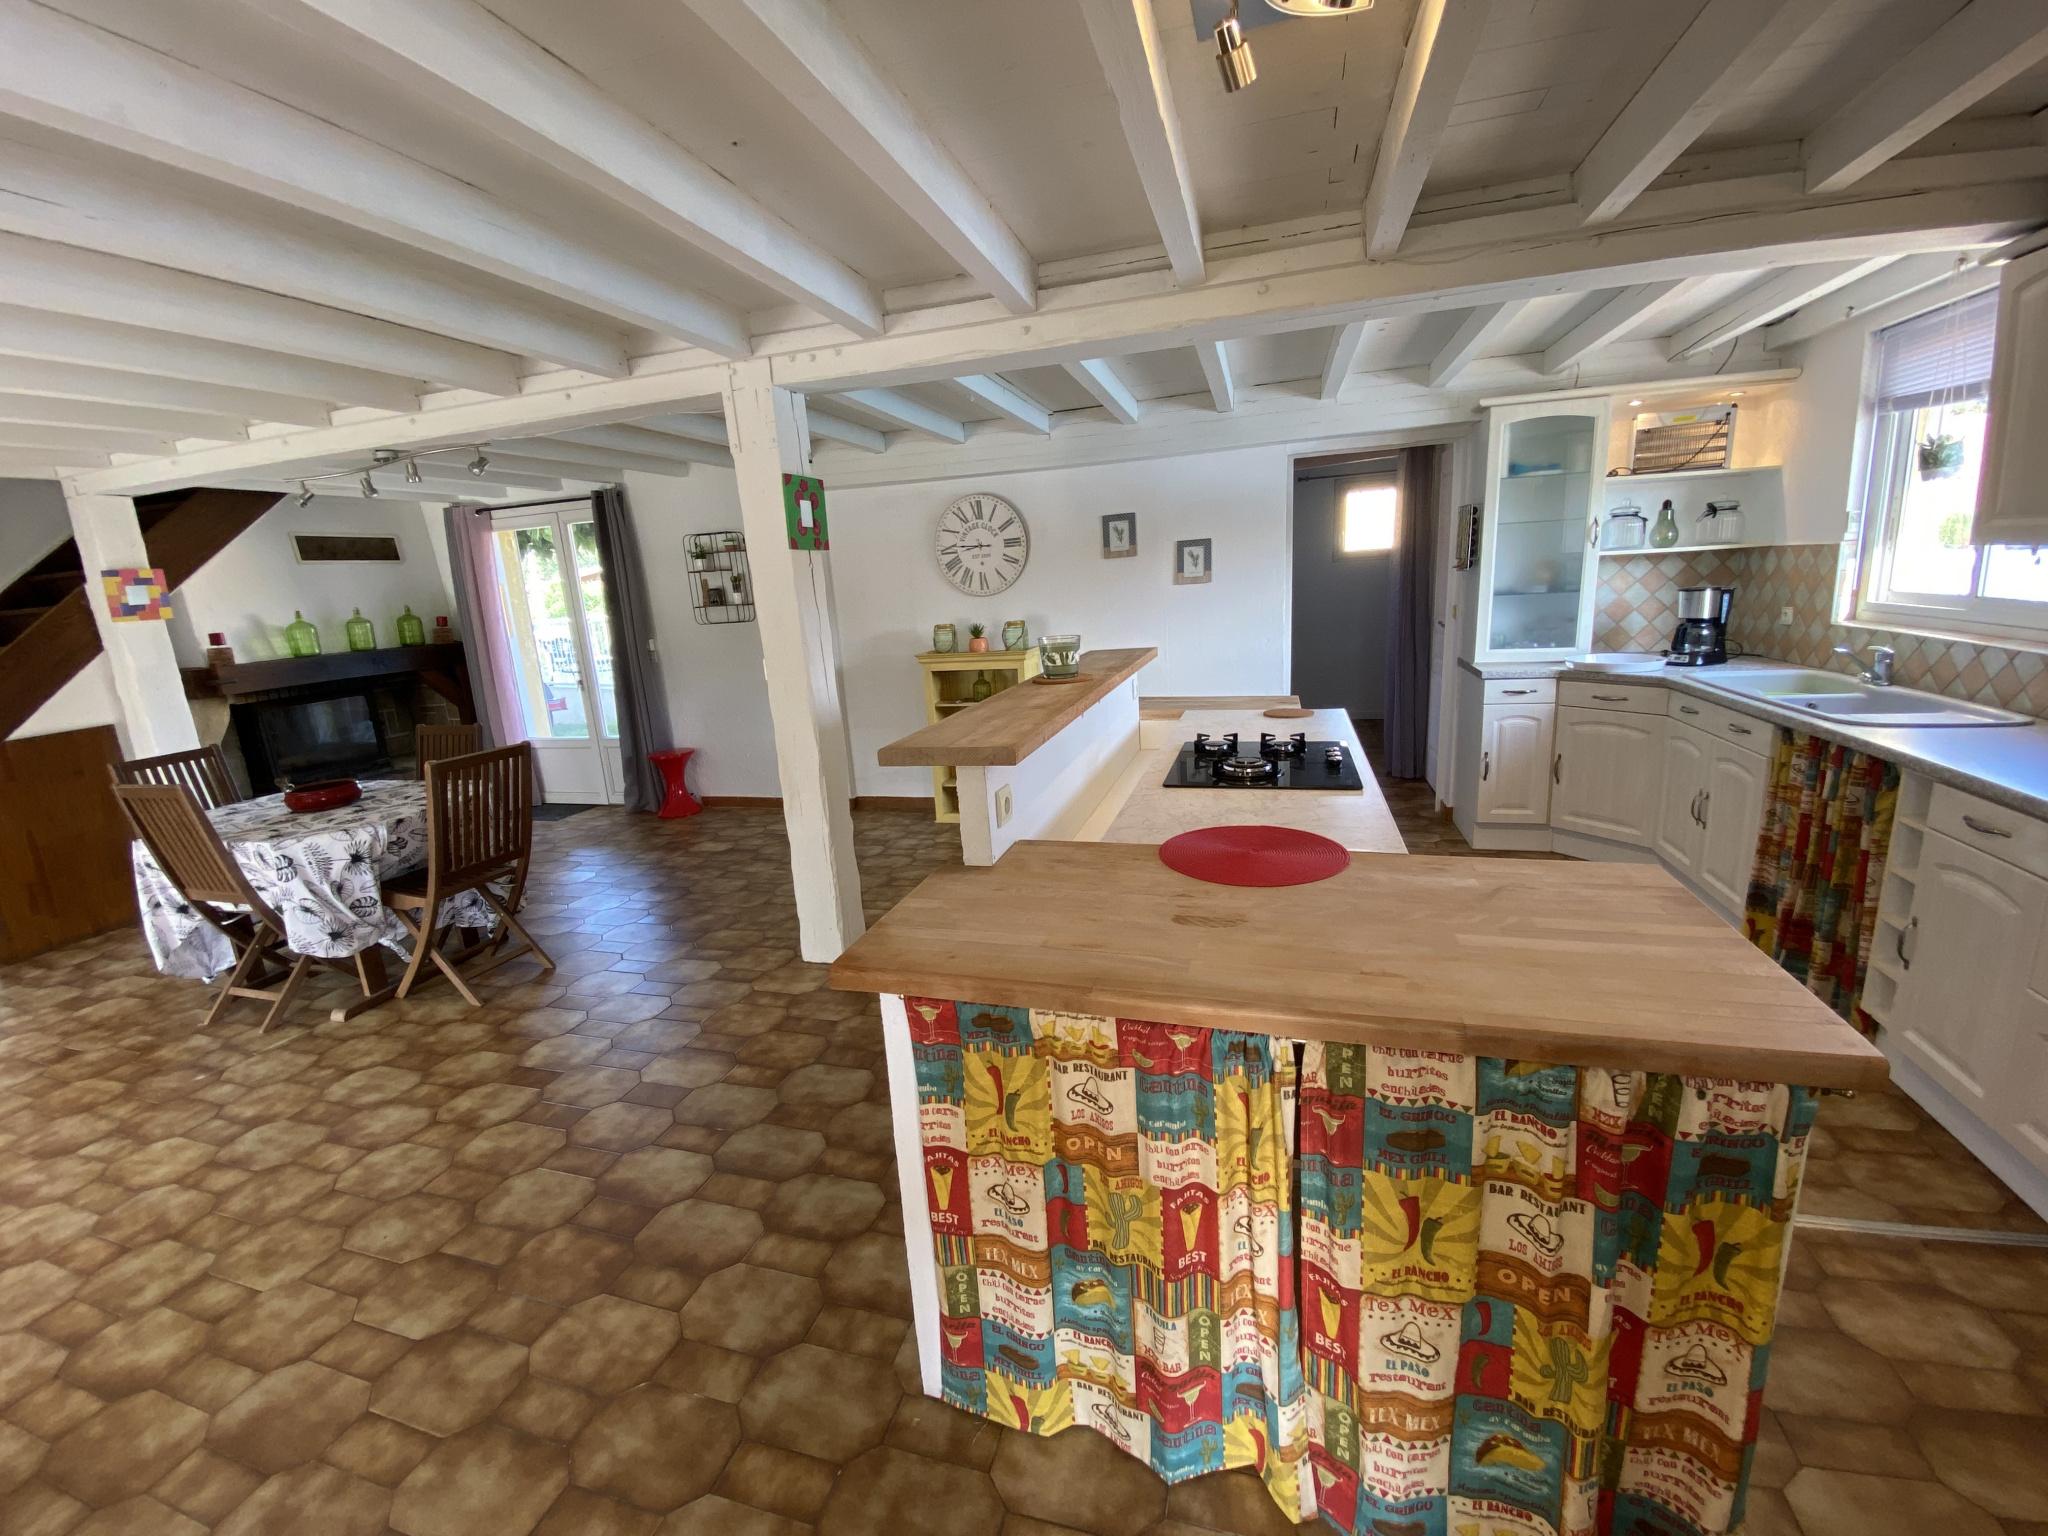 À vendre appartement de 71m2 à argeles sur mer (66700) - Photo 2'